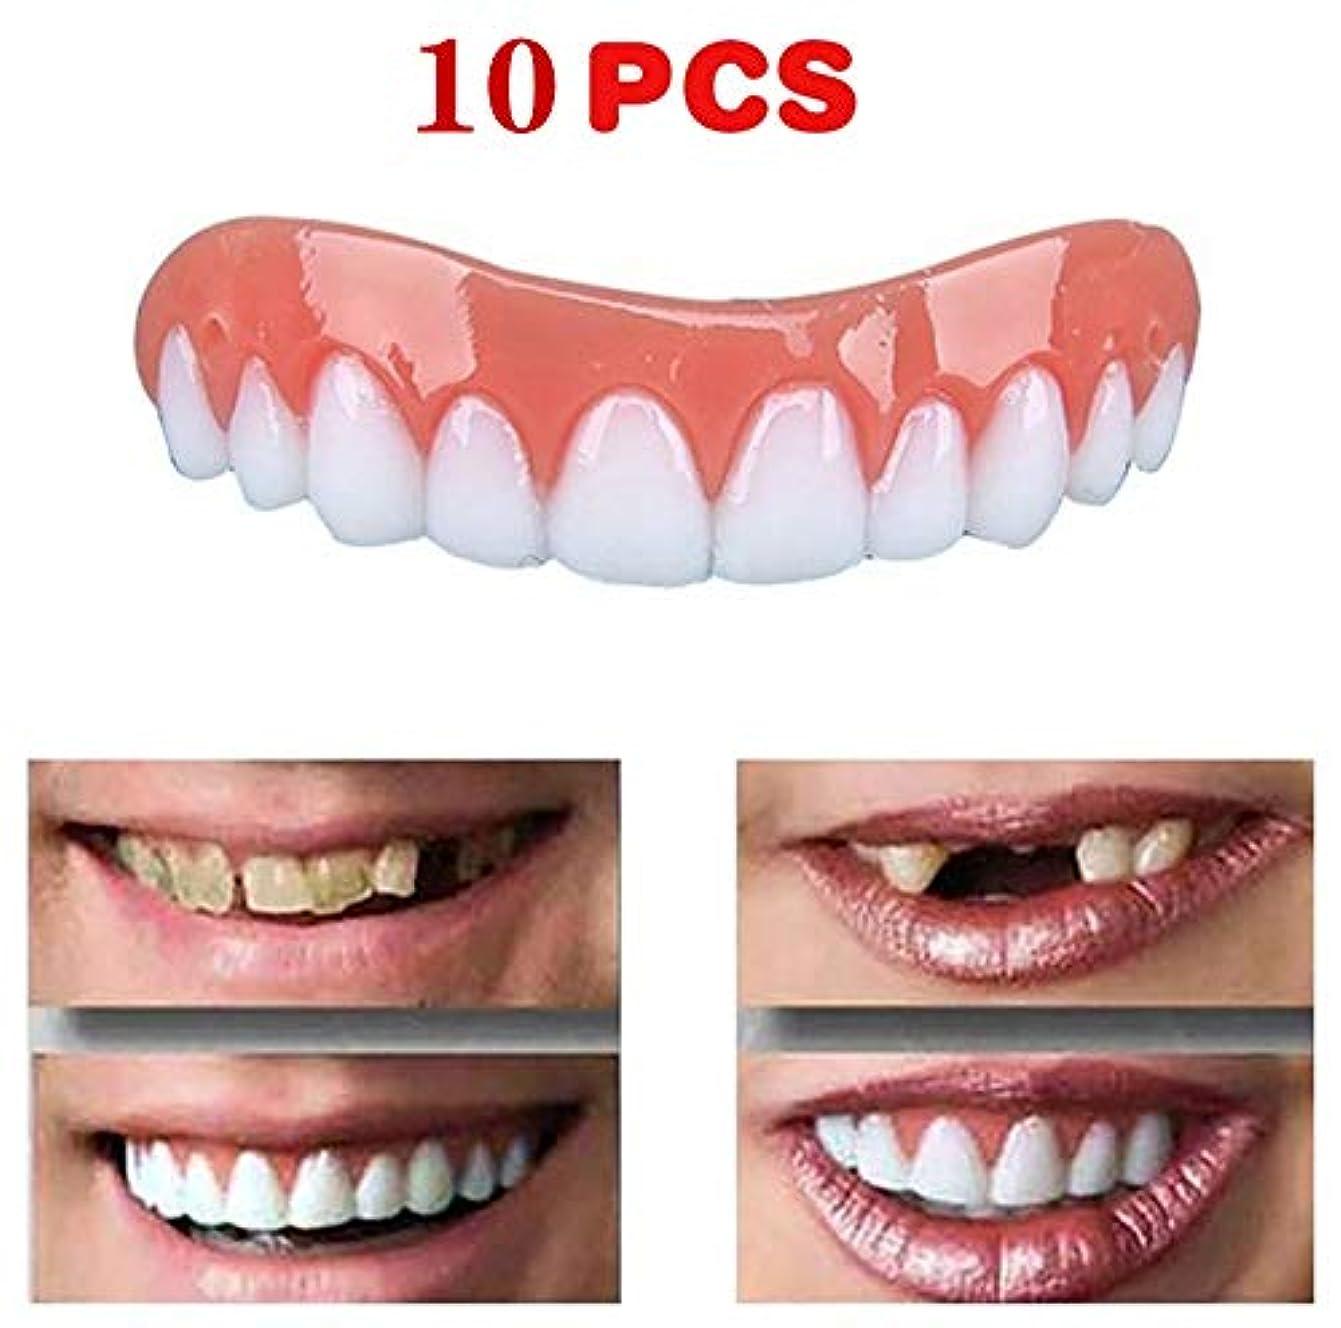 10ピース新しい再利用可能な大人のスナップオンパーフェクトスマイルホワイトニング義歯フィットフレックス化粧品歯快適な突き板カバーデンタルケアアクセサリー